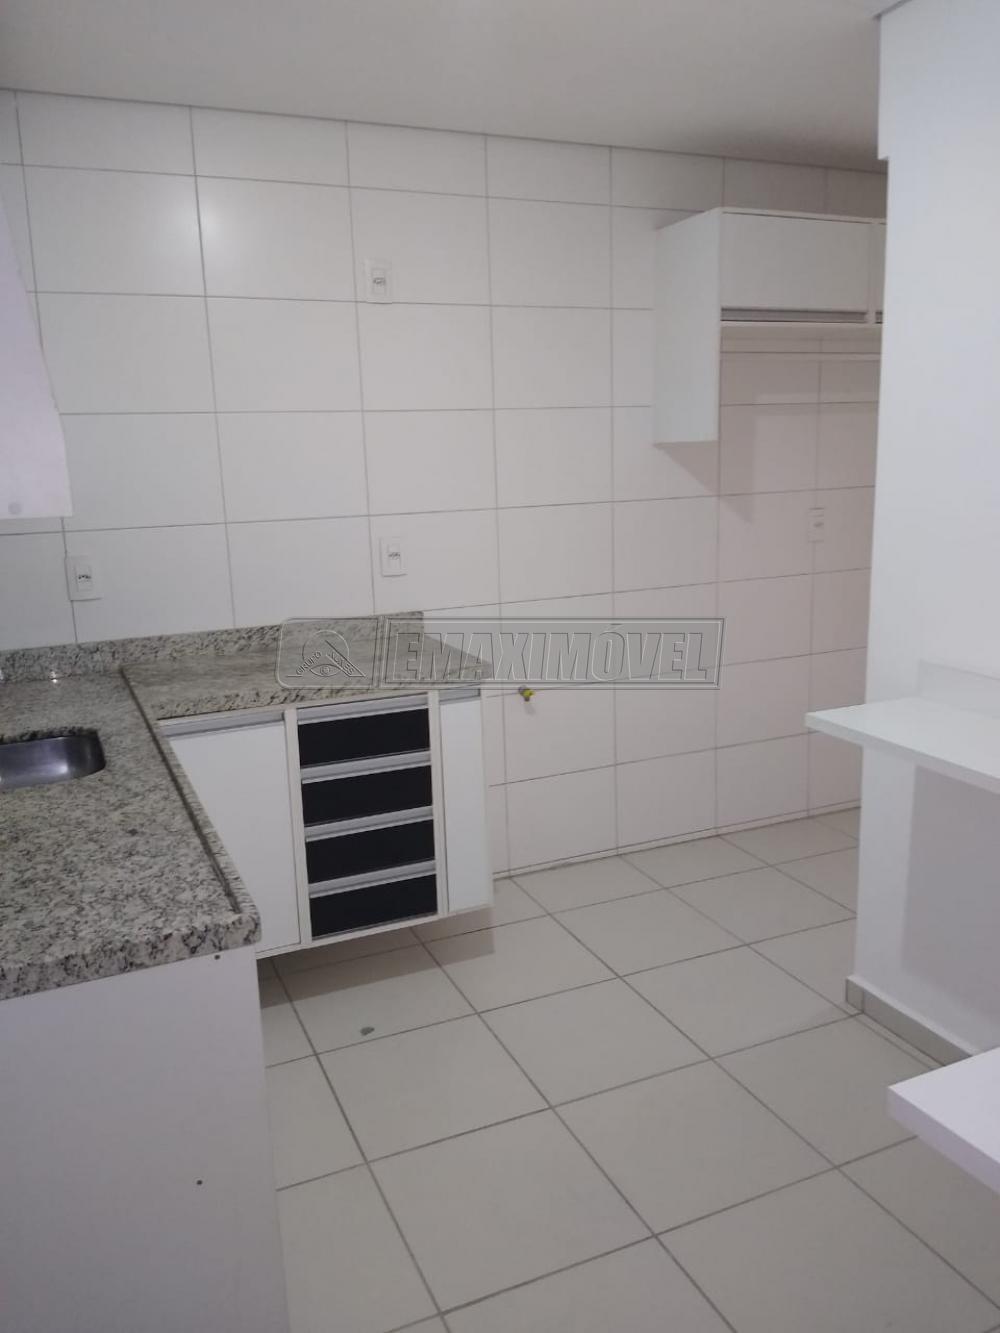 Comprar Apartamentos / Apto Padrão em Sorocaba apenas R$ 490.000,00 - Foto 16